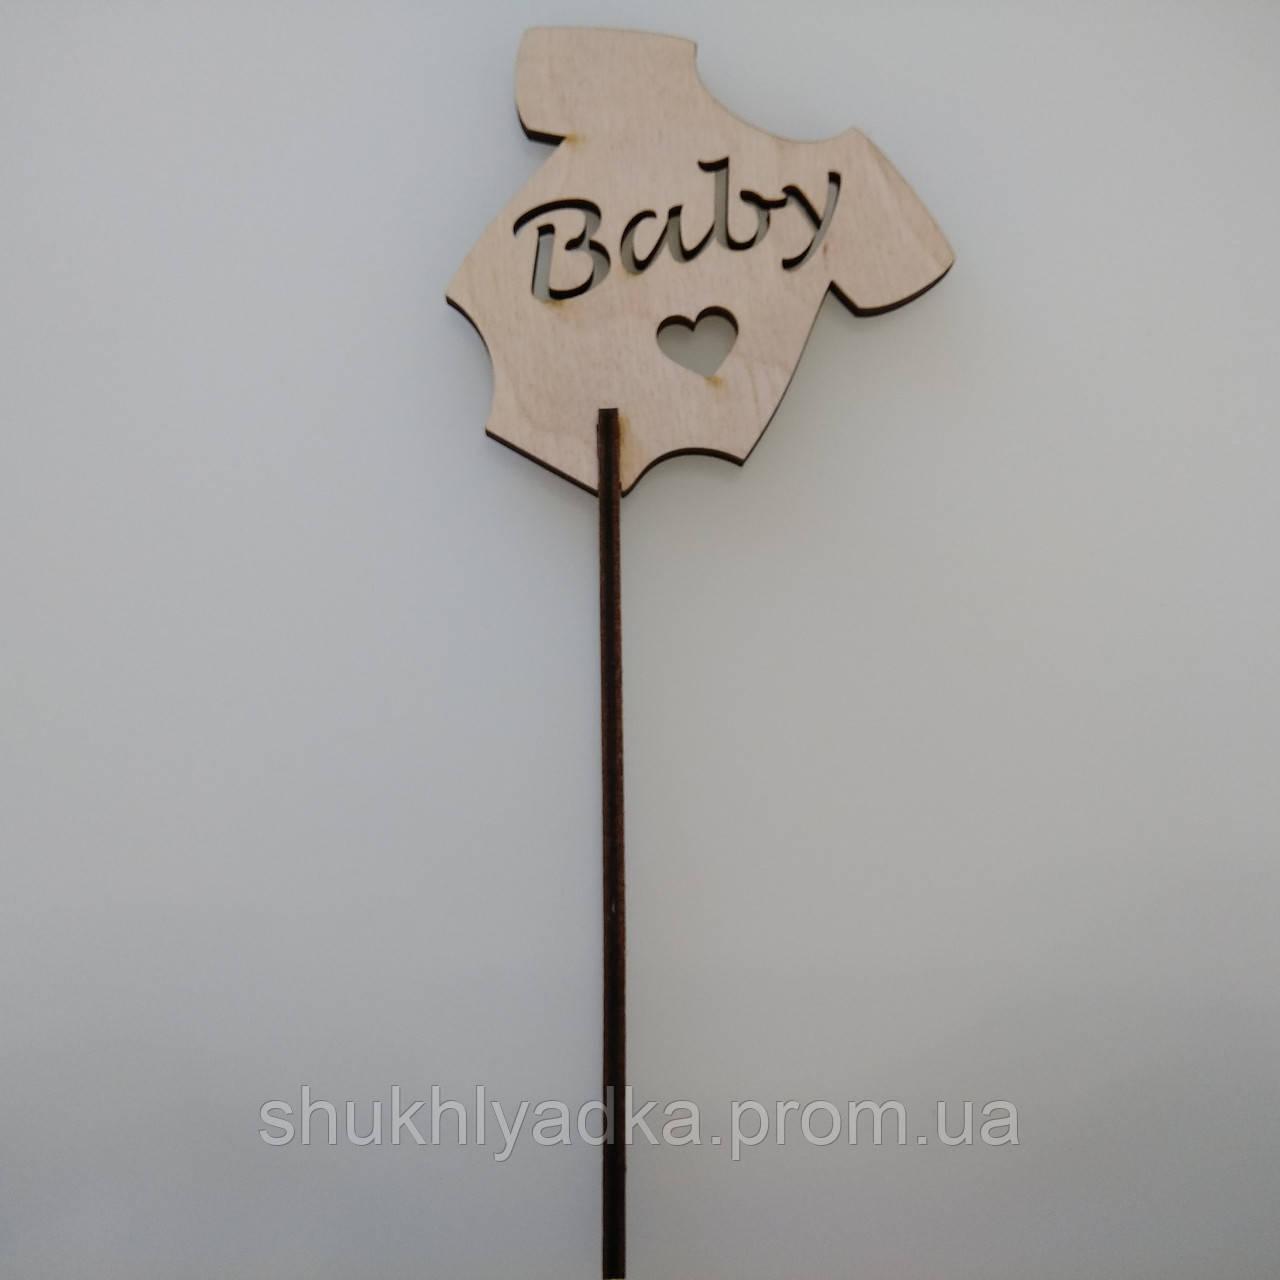 Baby_бодик